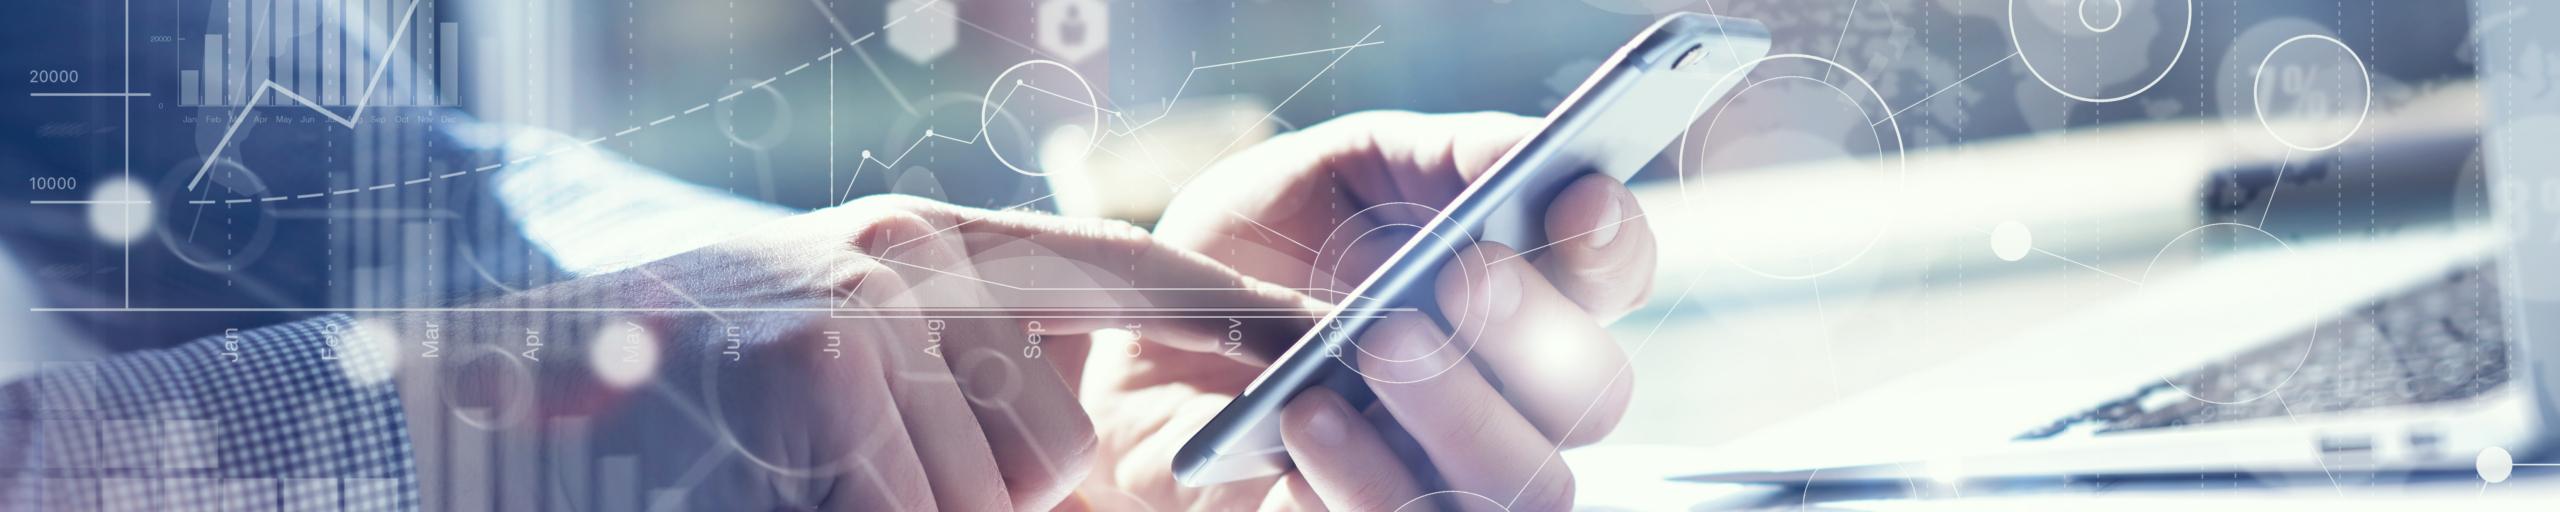 Headerbild Finger auf Smartphone mit Digitalen Symbolen